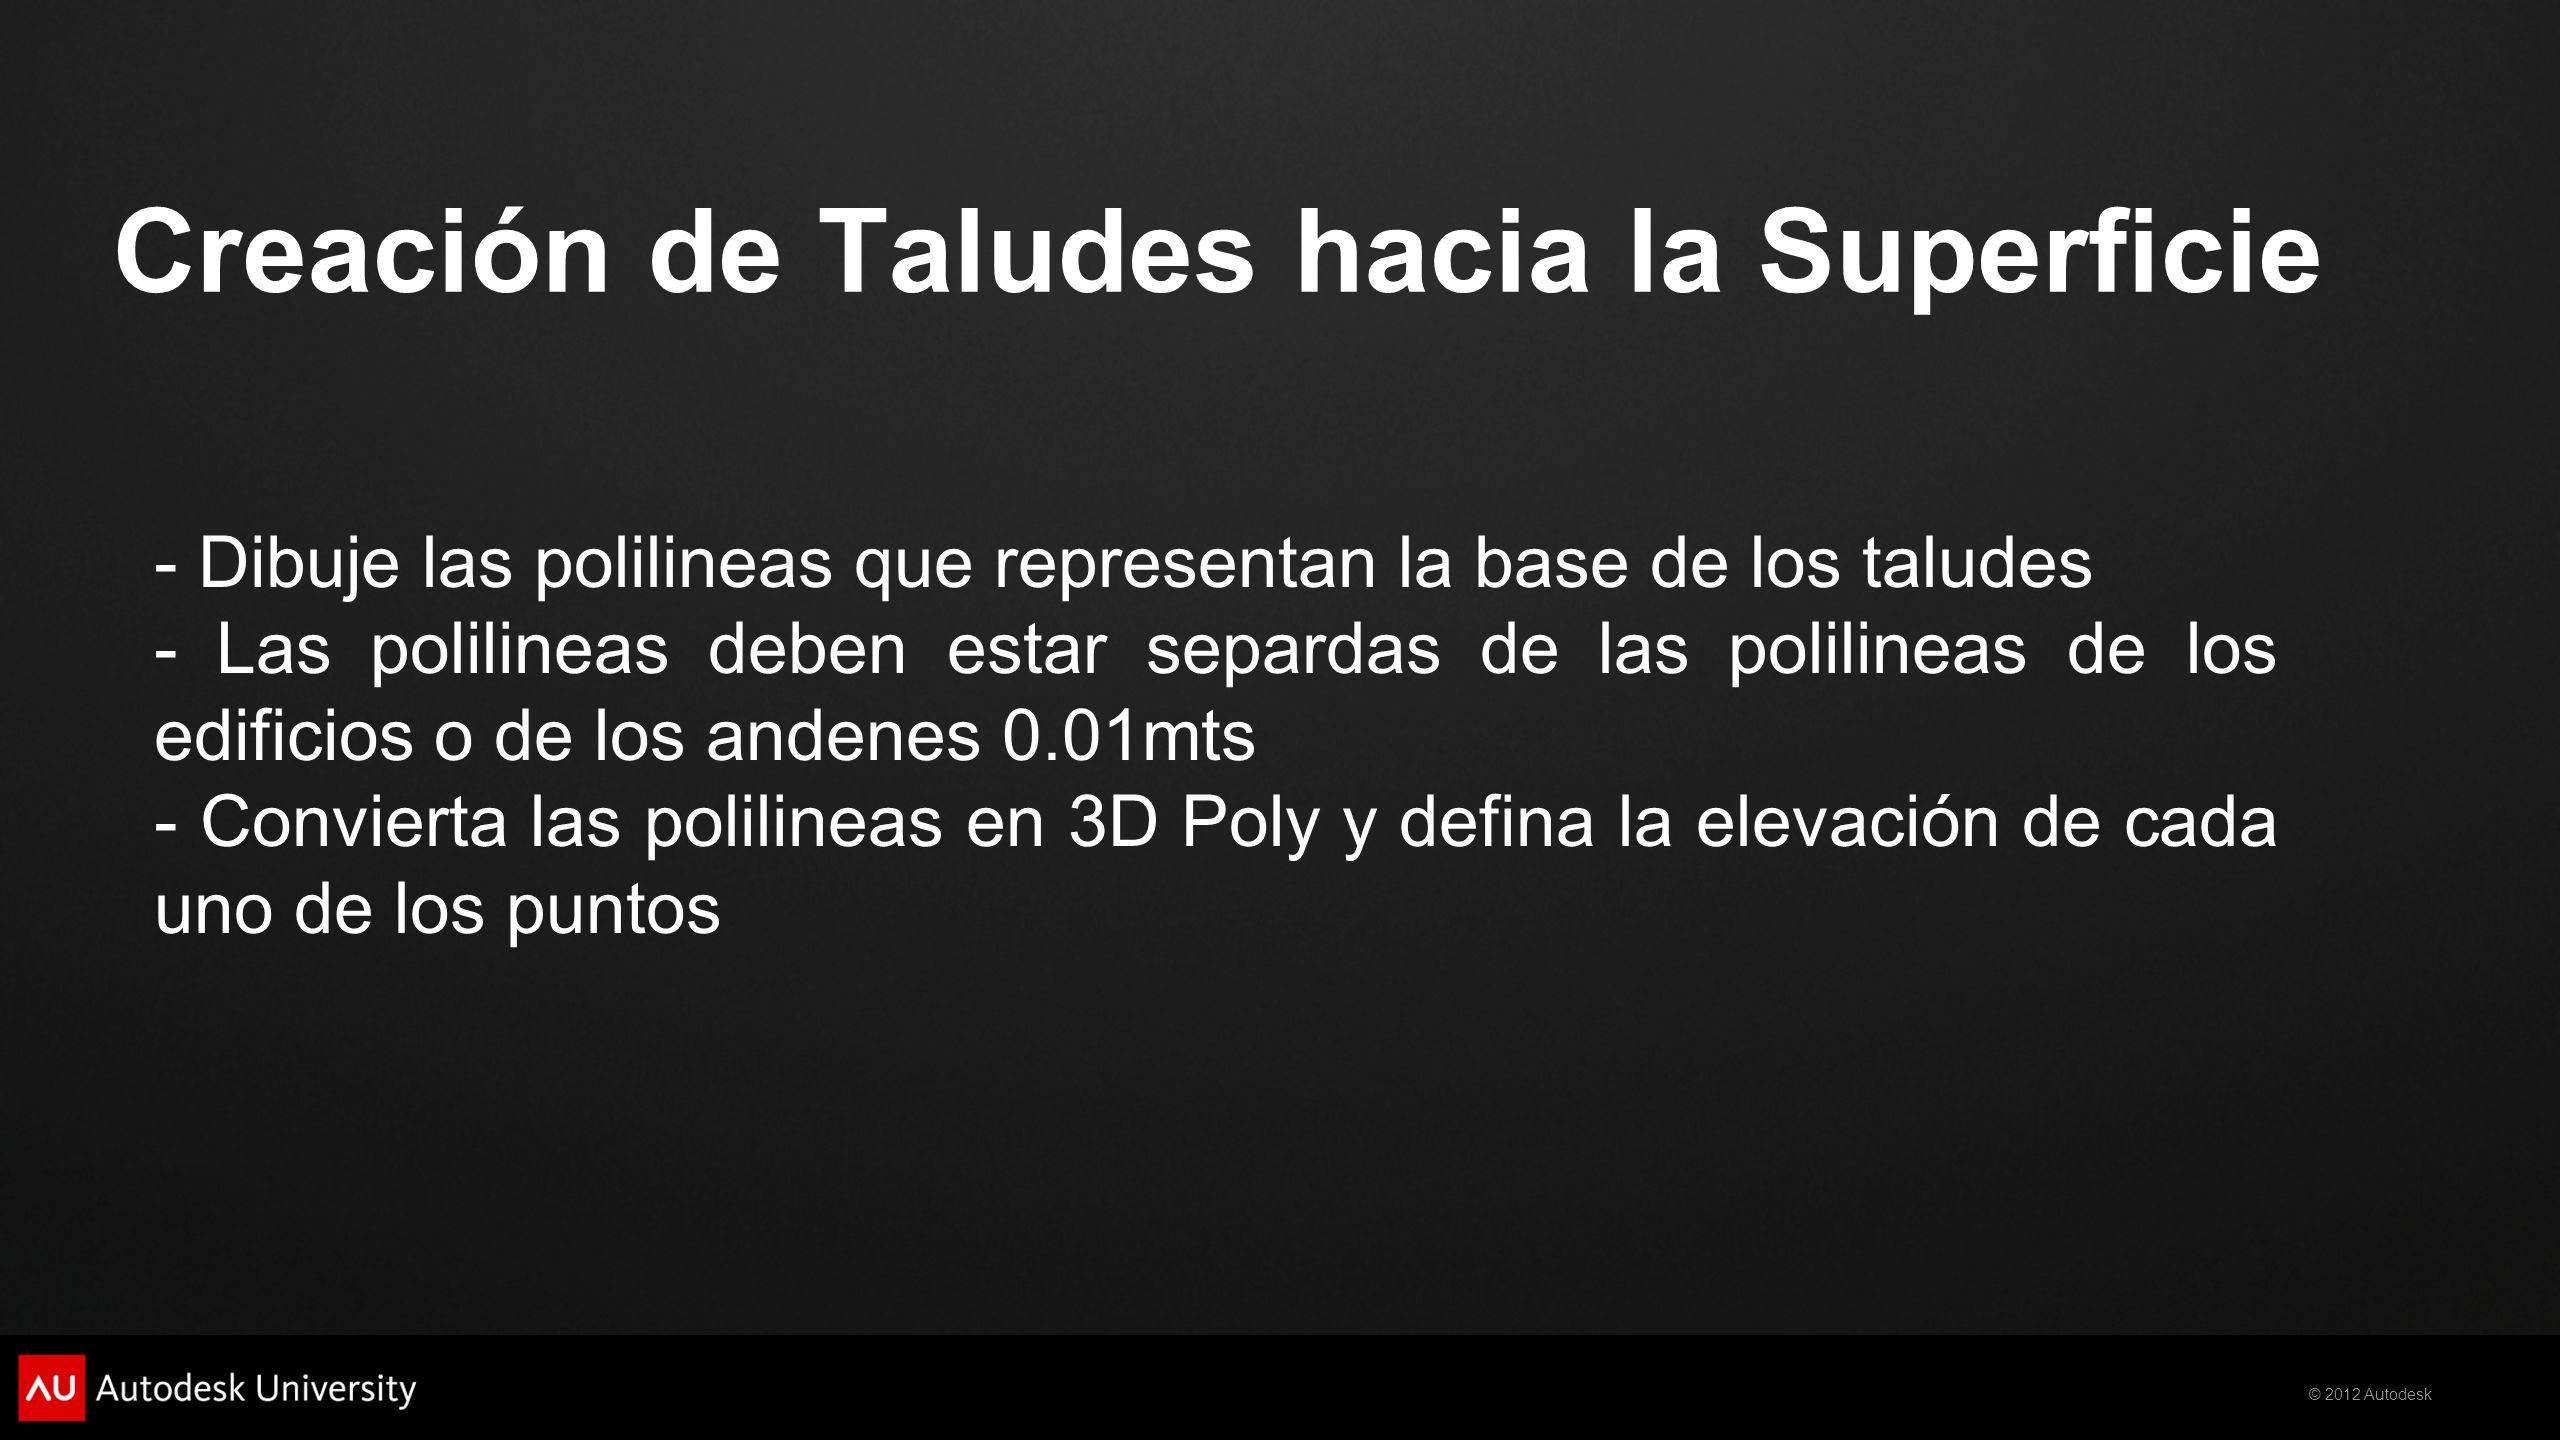 © 2012 Autodesk Creación de Taludes hacia la Superficie - Dibuje las polilineas que representan la base de los taludes - Las polilineas deben estar separdas de las polilineas de los edificios o de los andenes 0.01mts - Convierta las polilineas en 3D Poly y defina la elevación de cada uno de los puntos